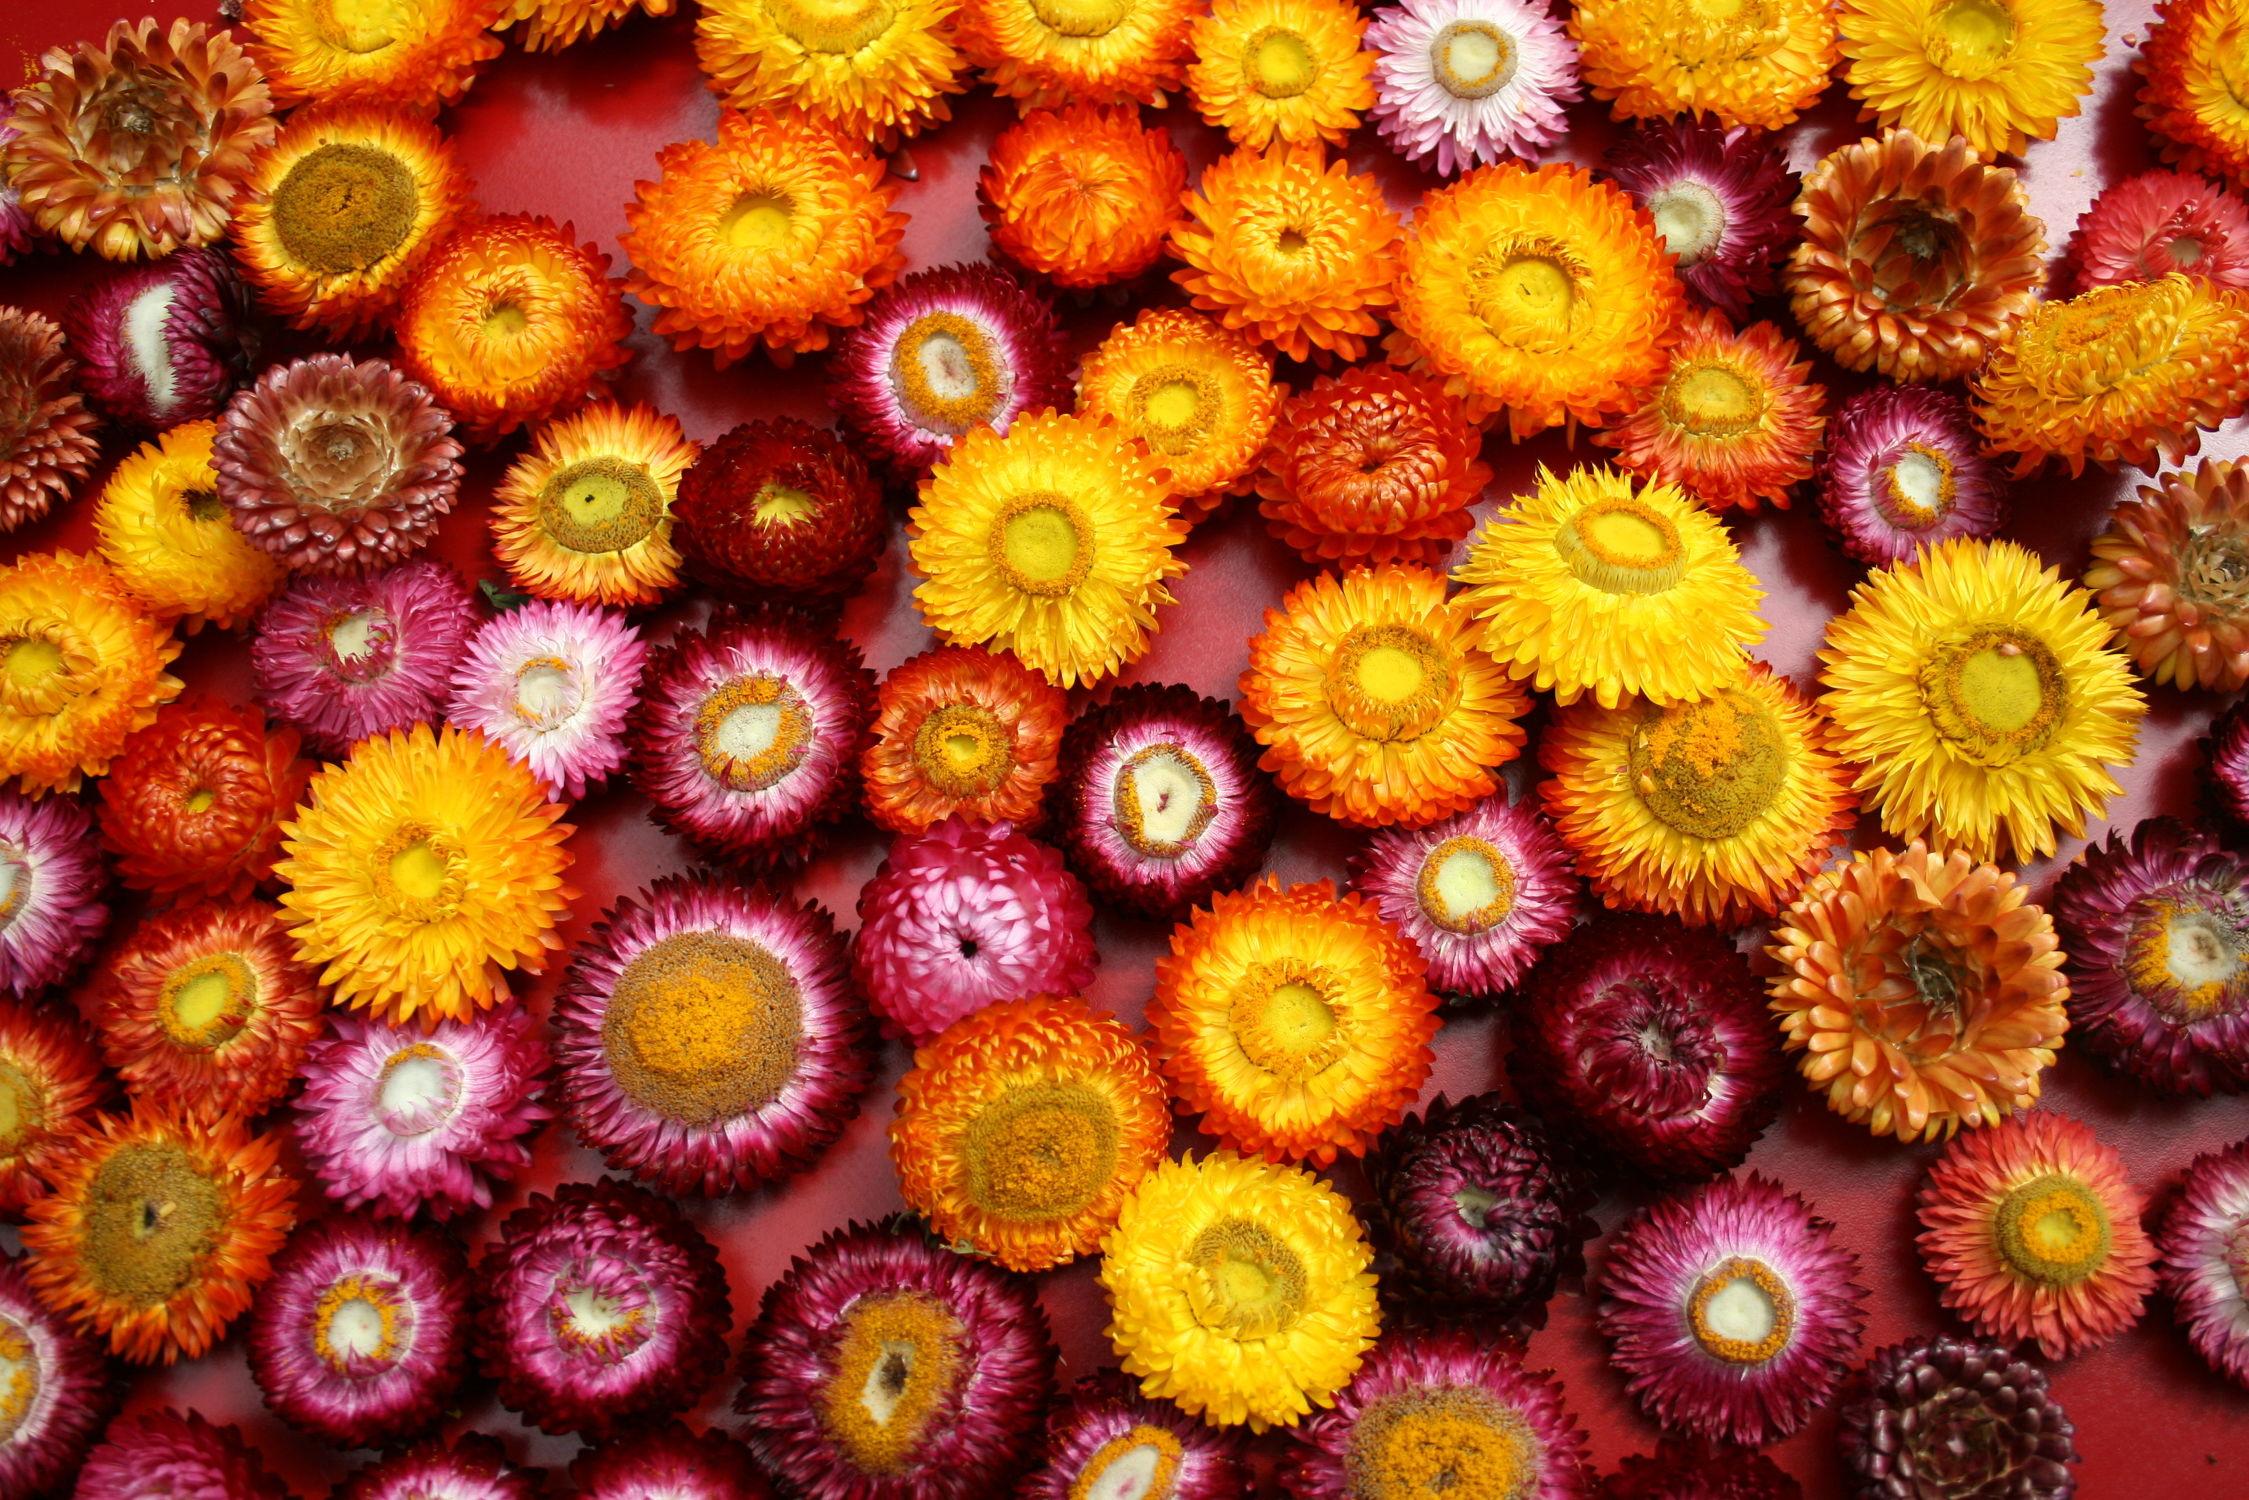 Bild mit Pflanzen, Blumen, Herbst, Blume, Pflanze, Blüten, blüte, strohblumen